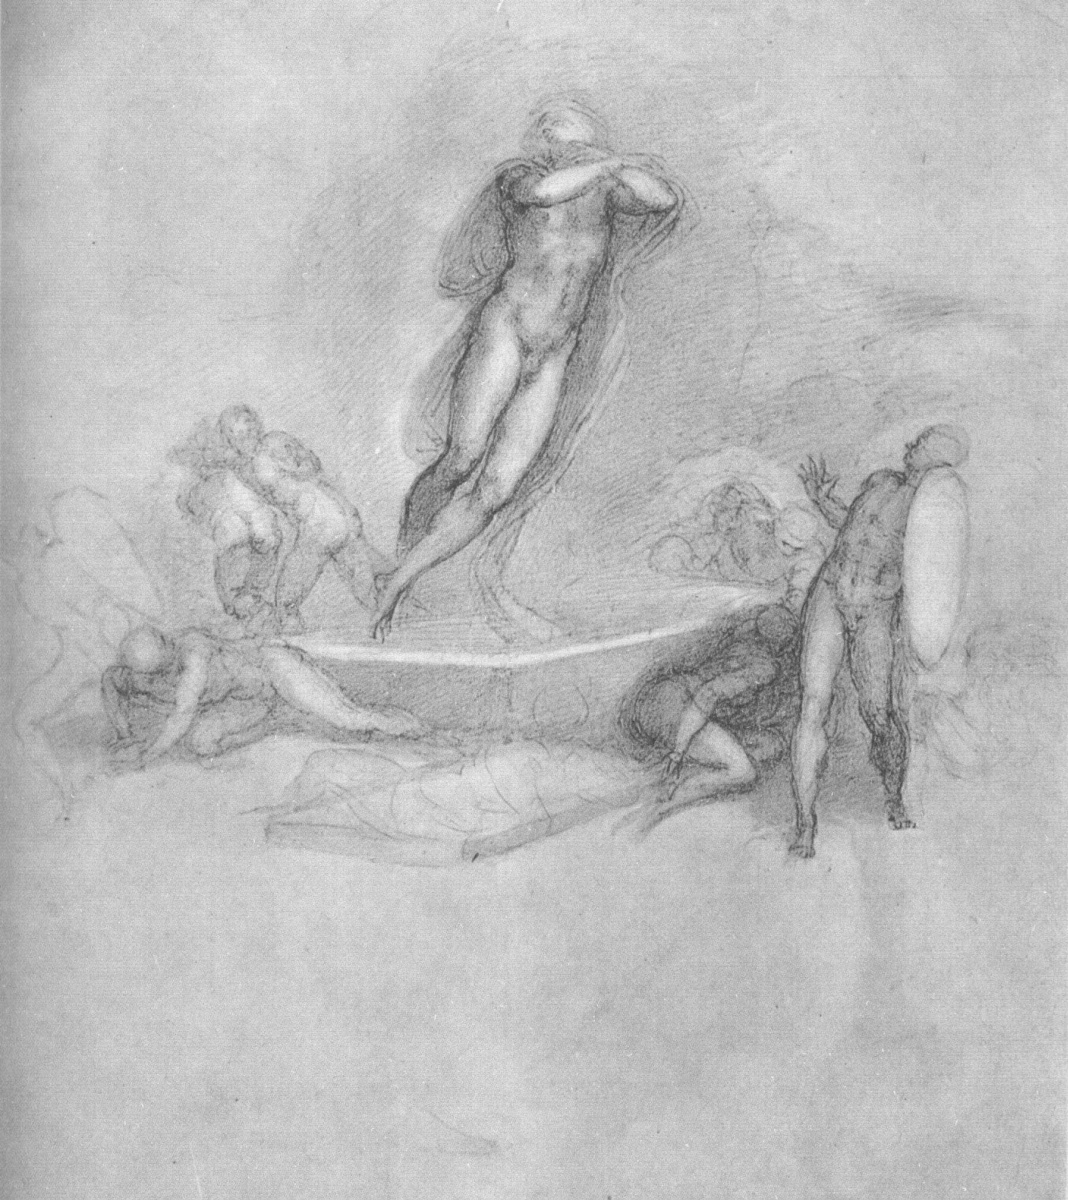 Микеланджело Буонарроти. Воскрешение. Набросок.